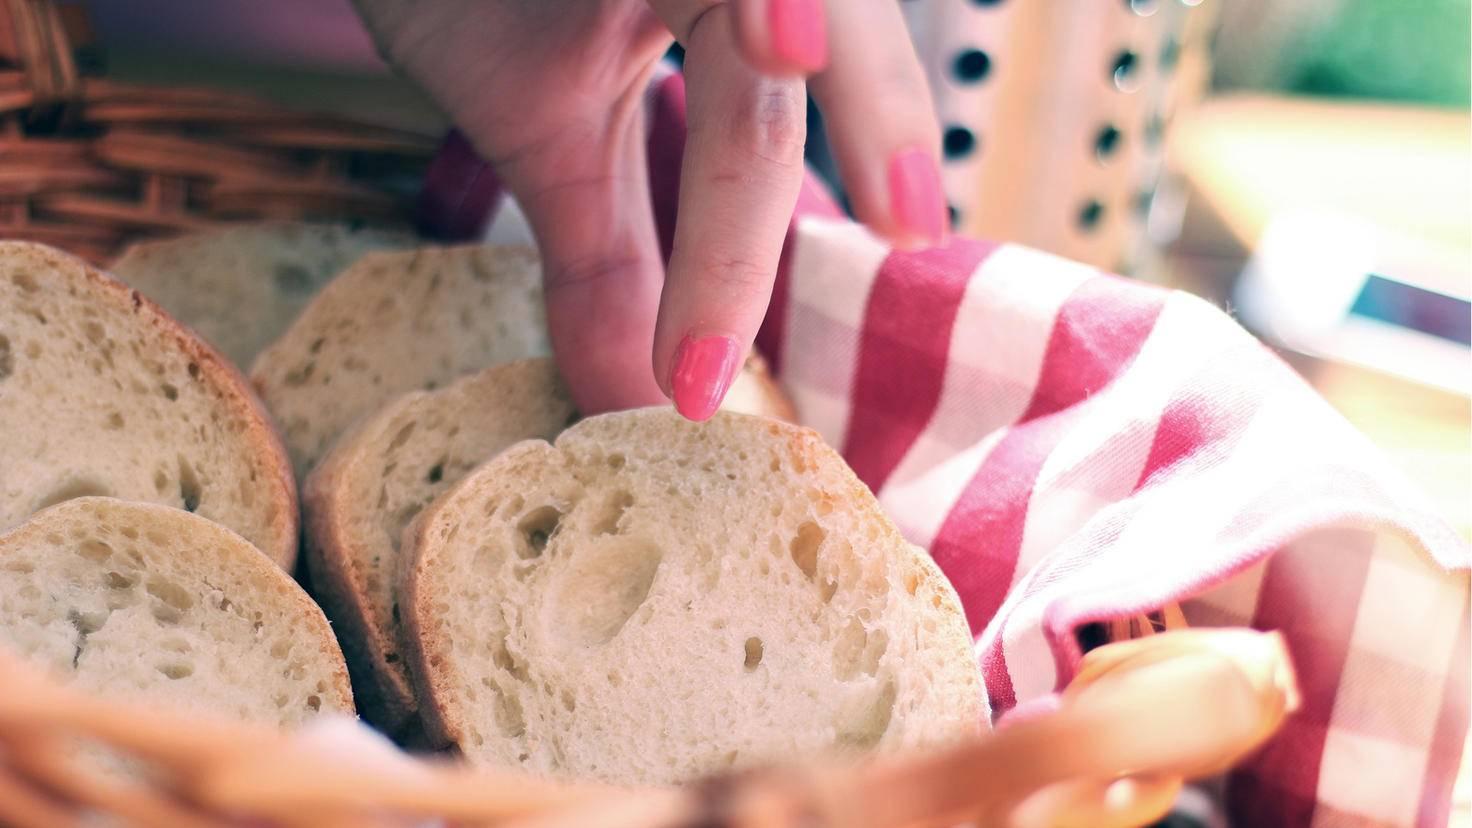 Der Brotkorb sollte im Restaurant leider tabu sein.